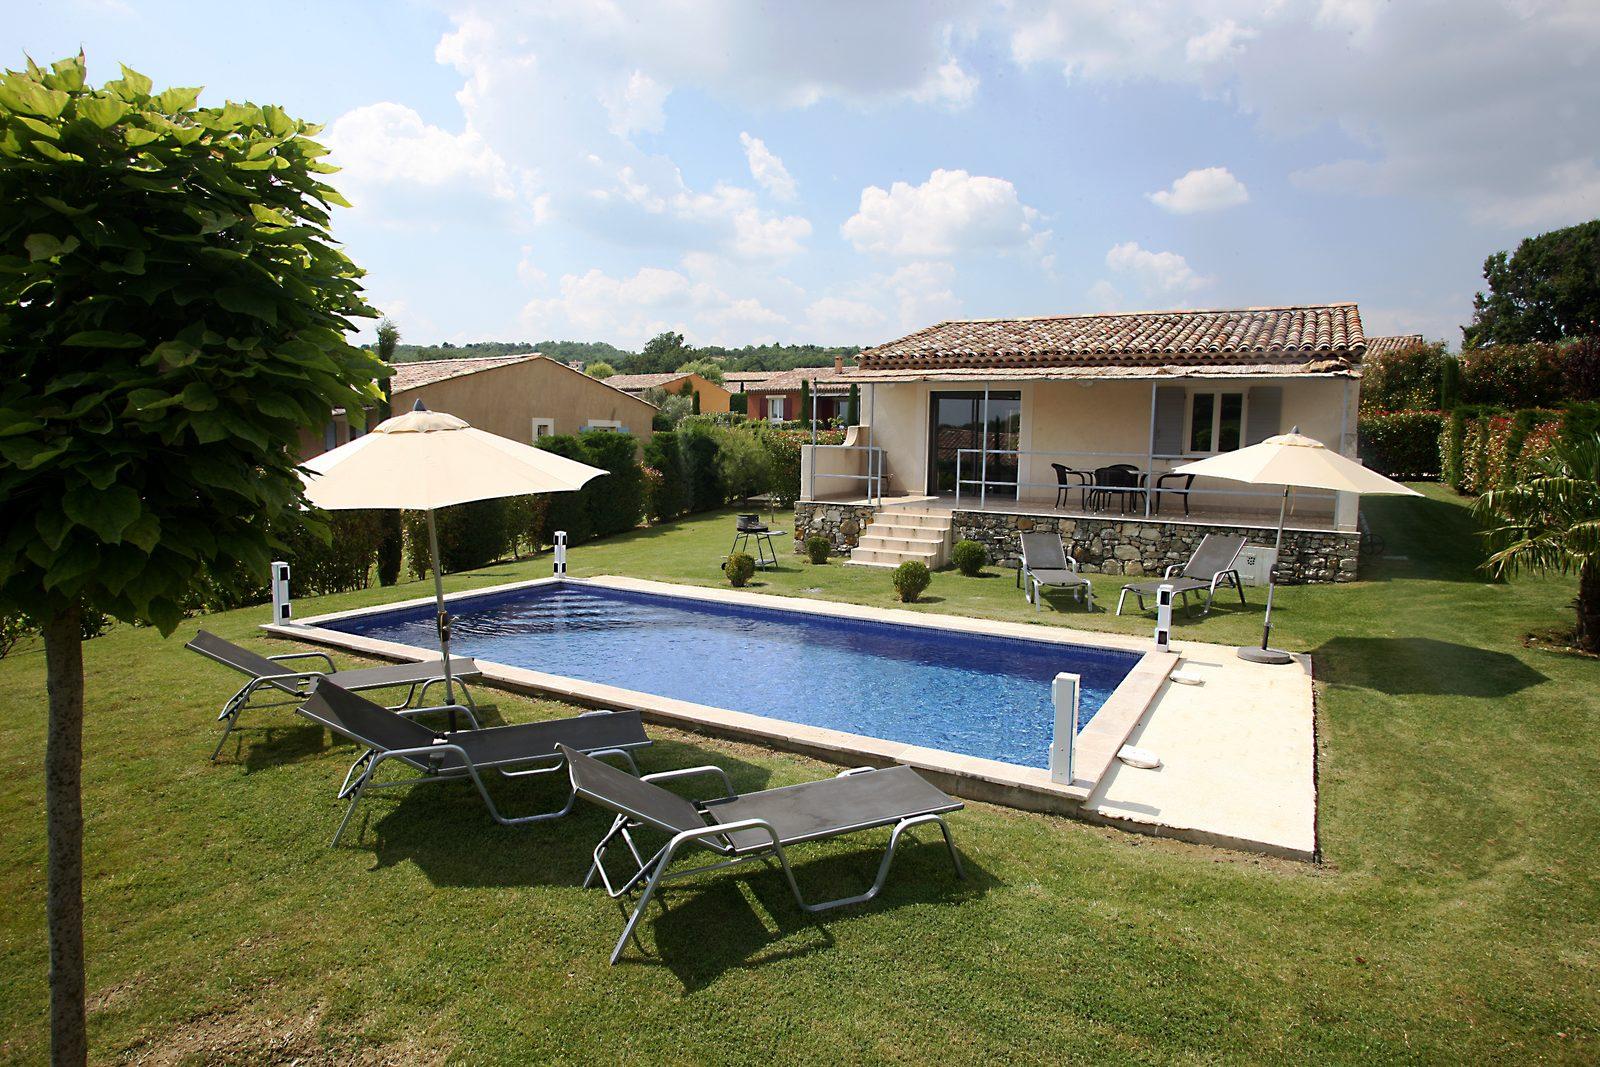 Vakantiehuizen Frankrijk met zwembad